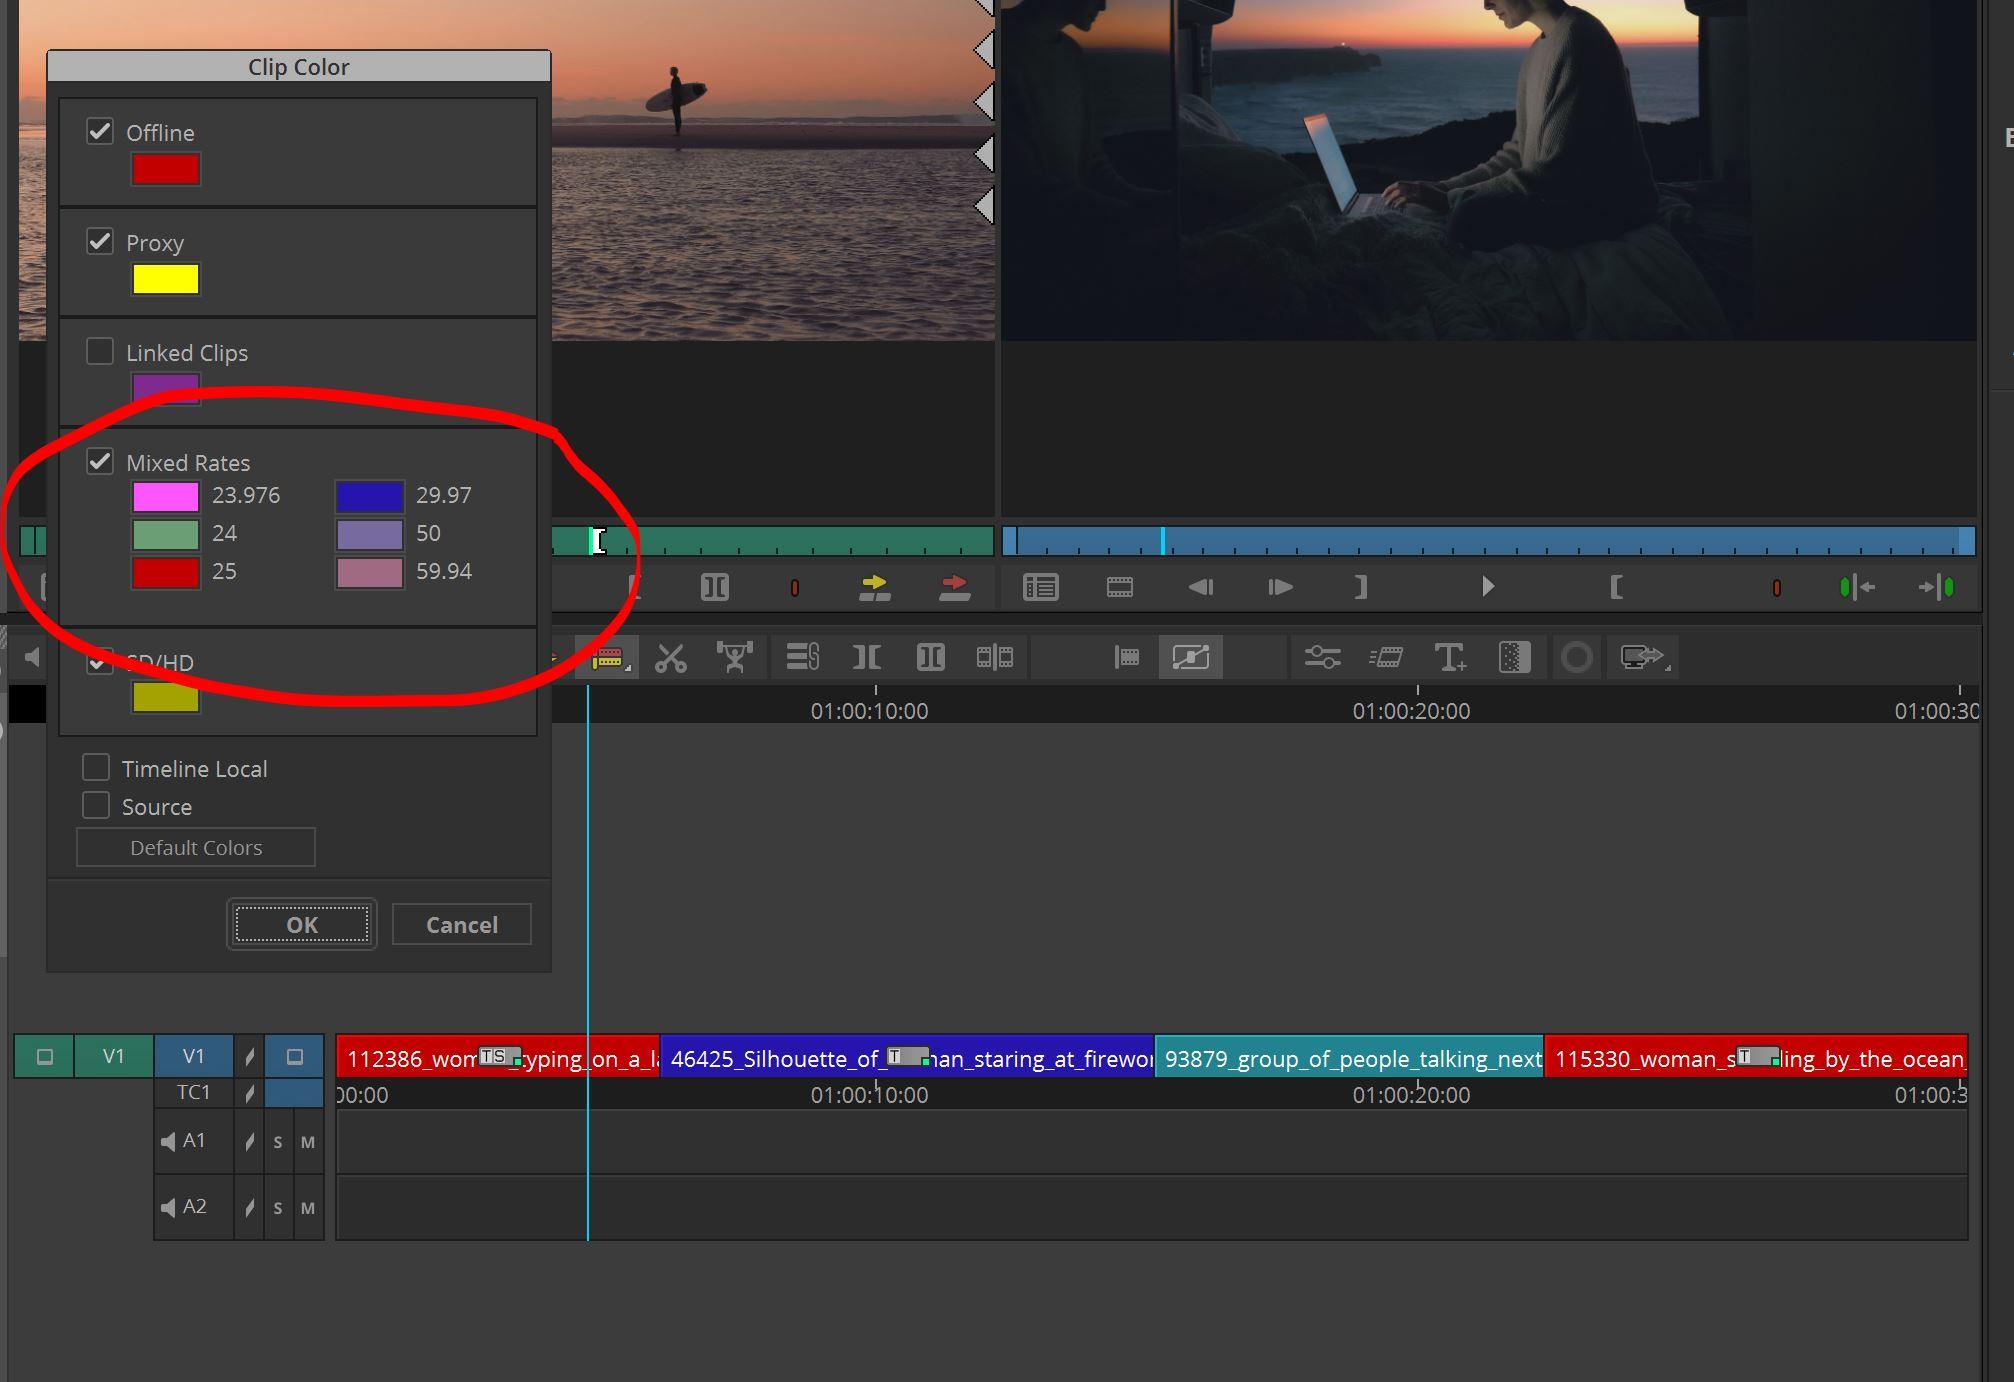 Media Composer Clip Color in your timeline